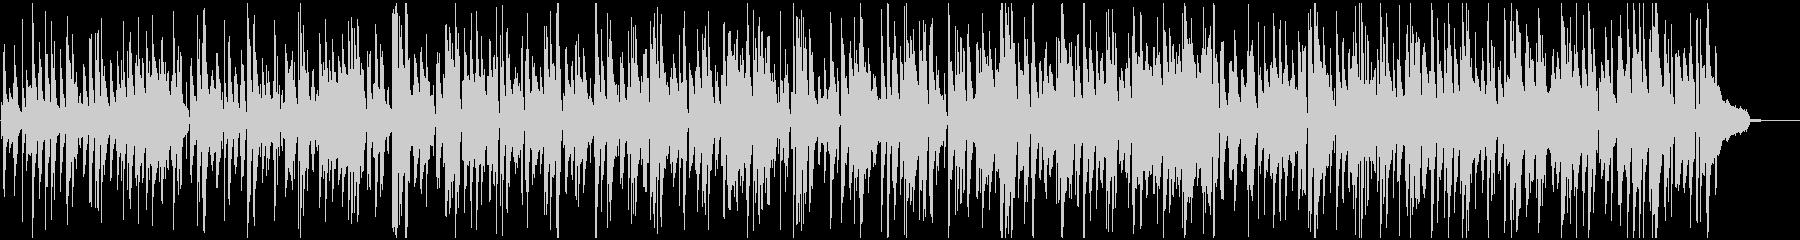 ほのぼのJAZZのBGM トリオ ピアノの未再生の波形